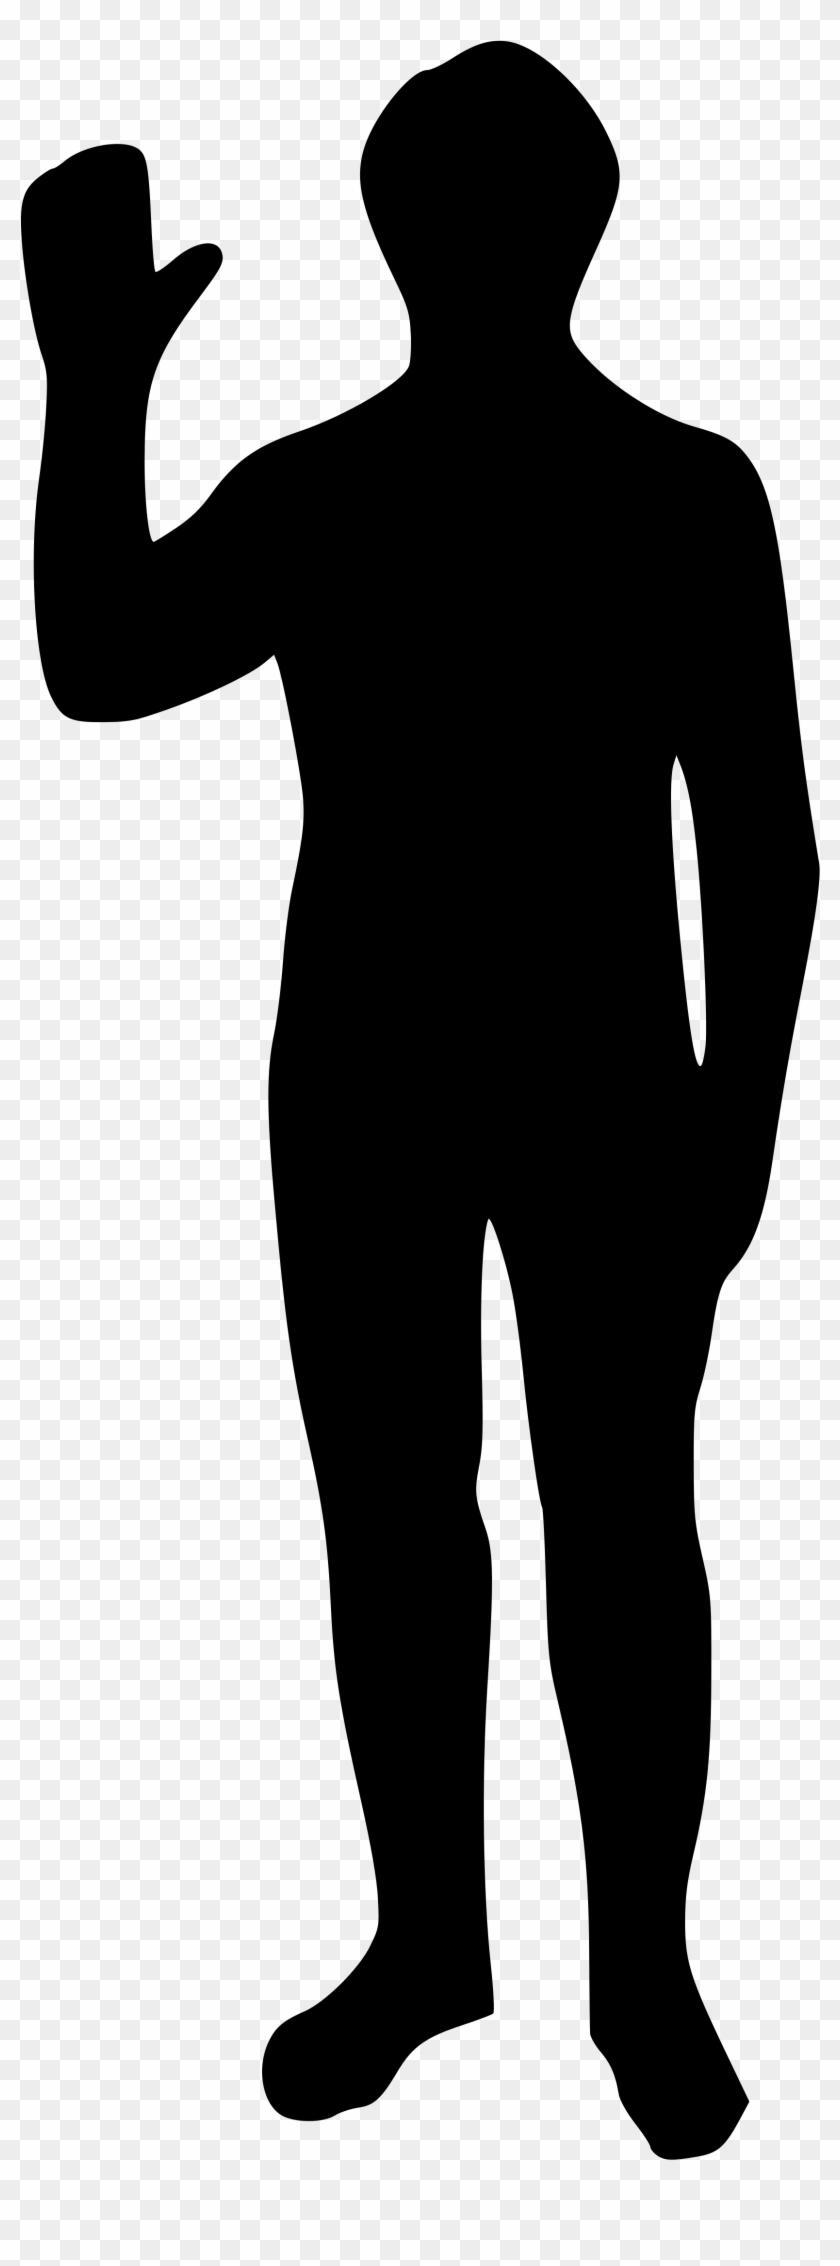 Human Clipart Human Outline - Human Svg #115802